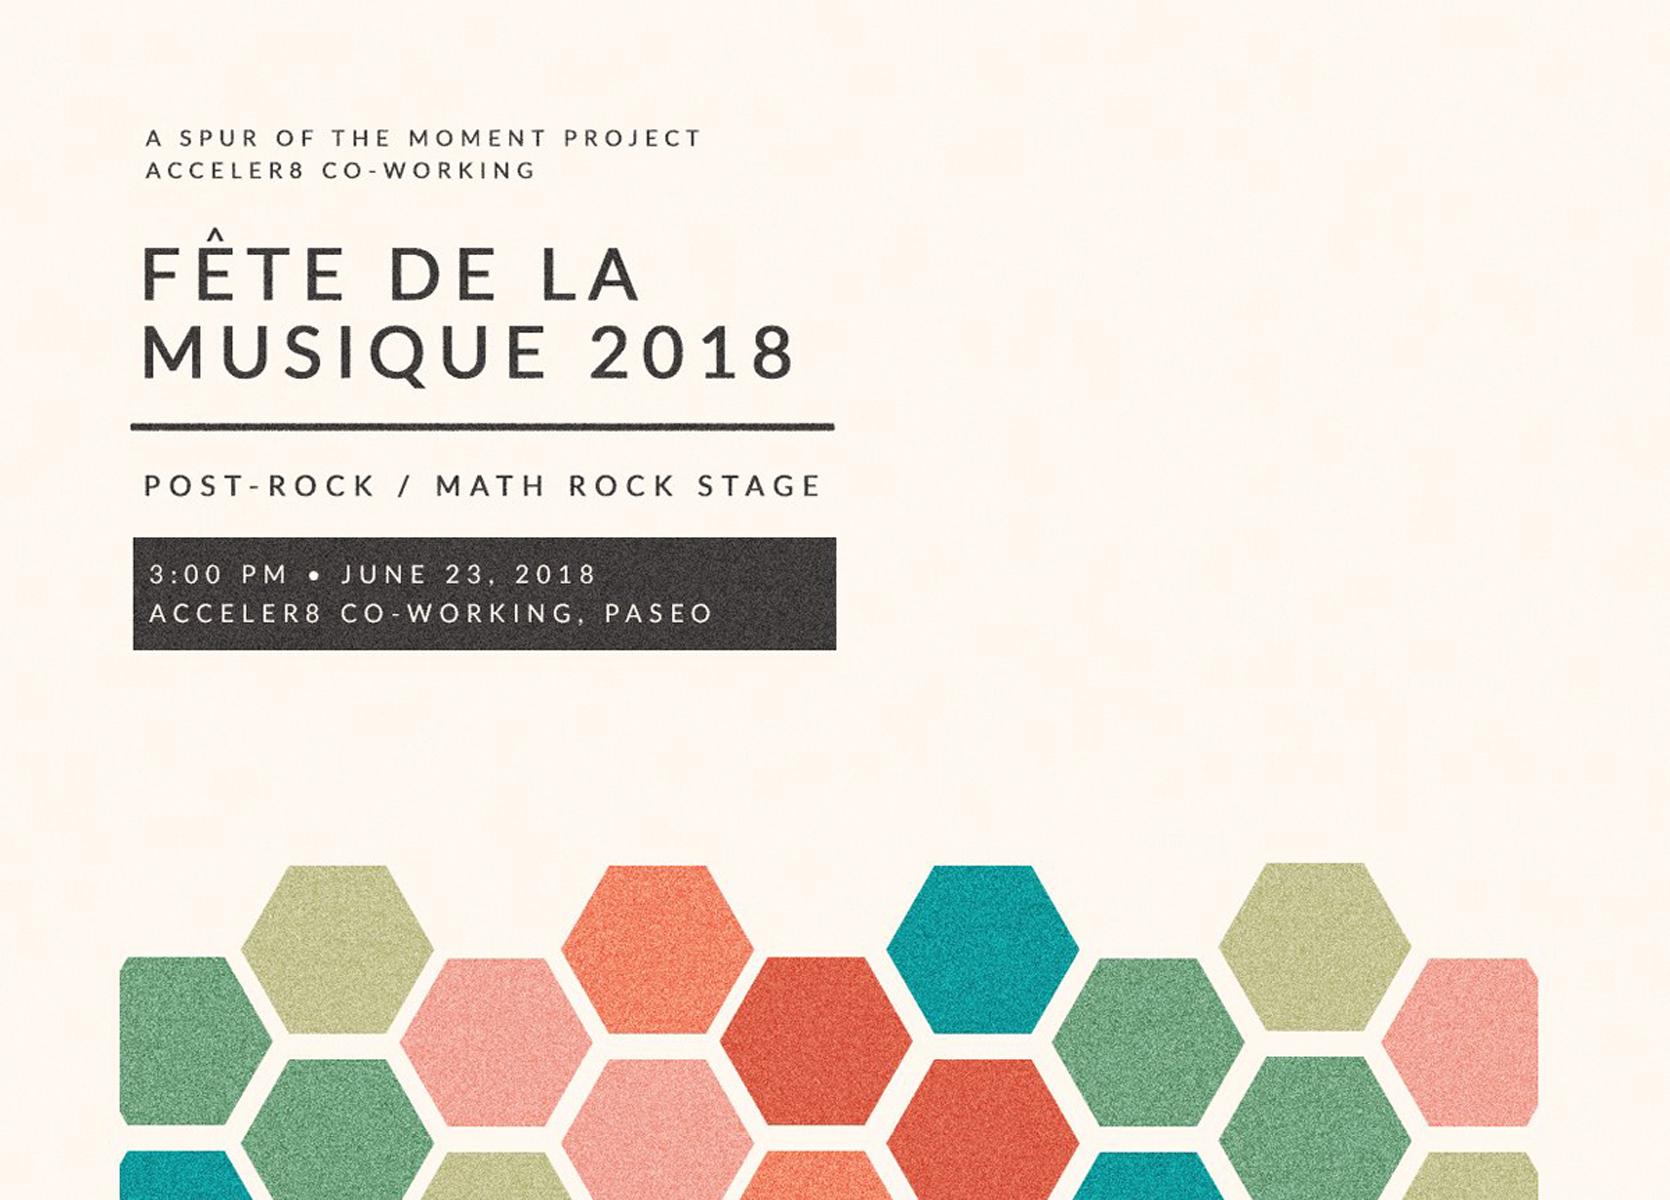 What's all the fuss about Fête de la Musique?